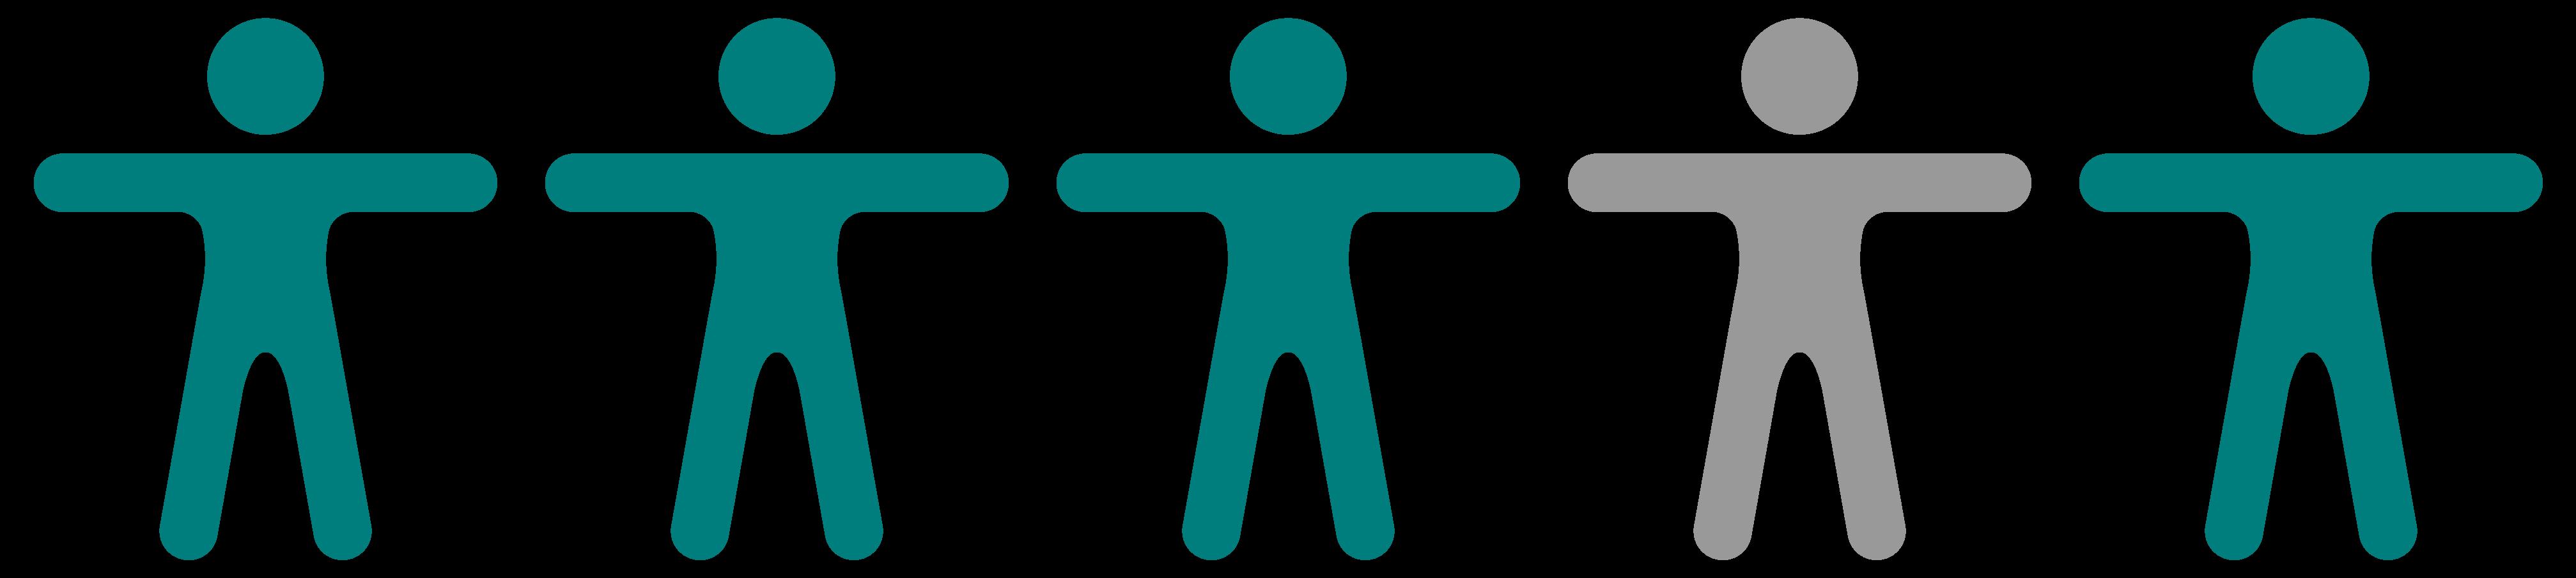 5 Human Figures